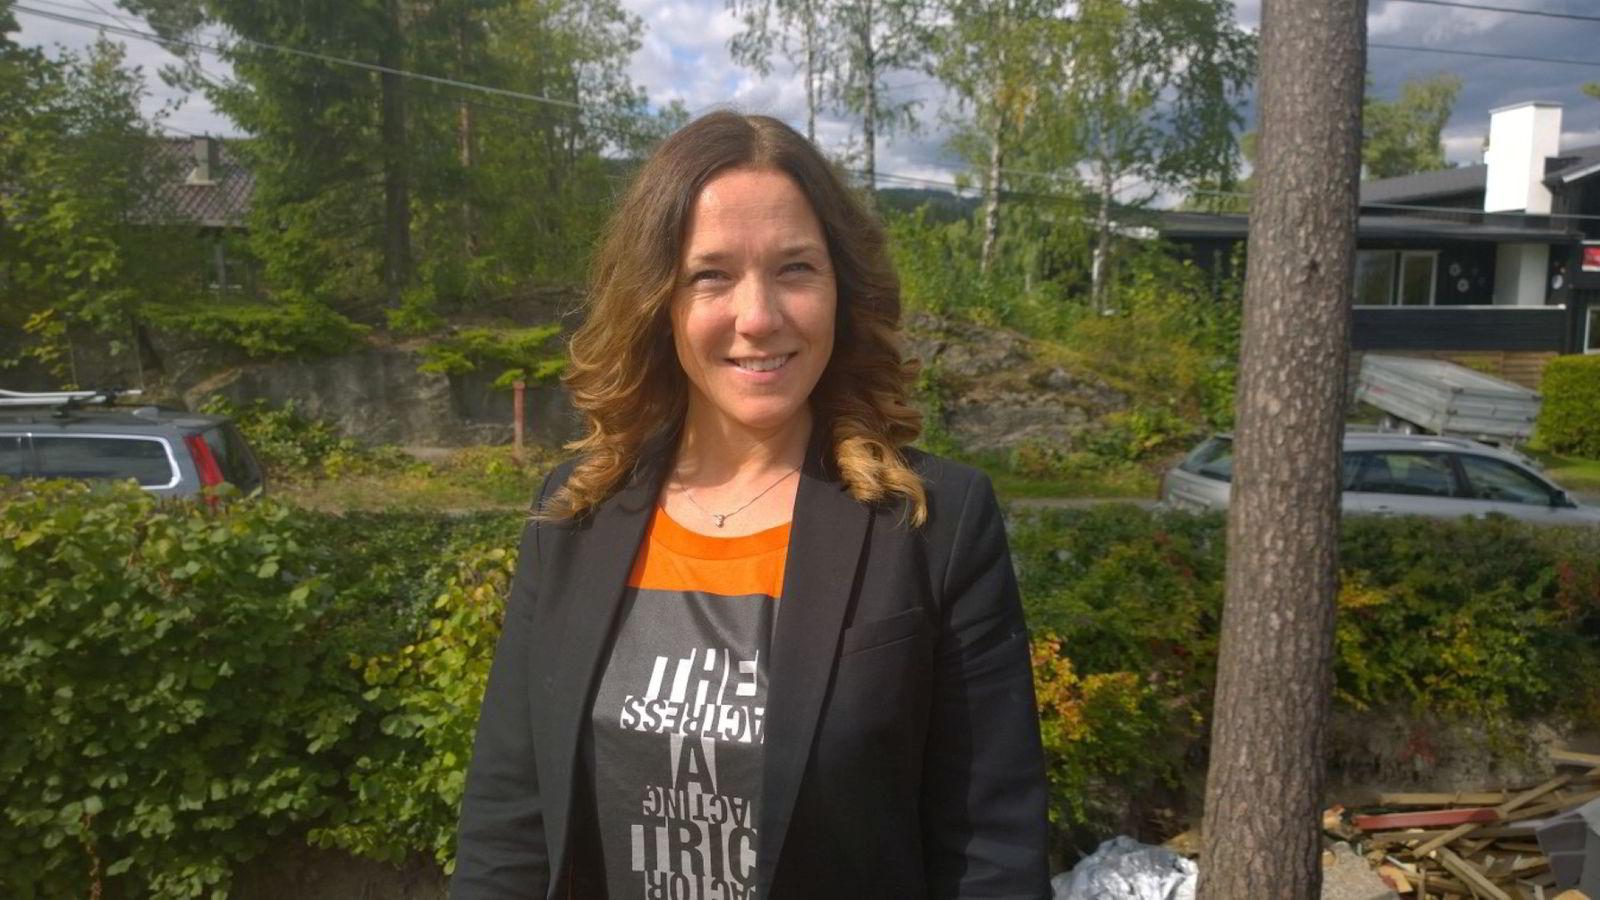 DRO TIDLIG UT. - Jeg lærte veldig mye, ikke minst om meg selv, sier Ellen Vrålstad.